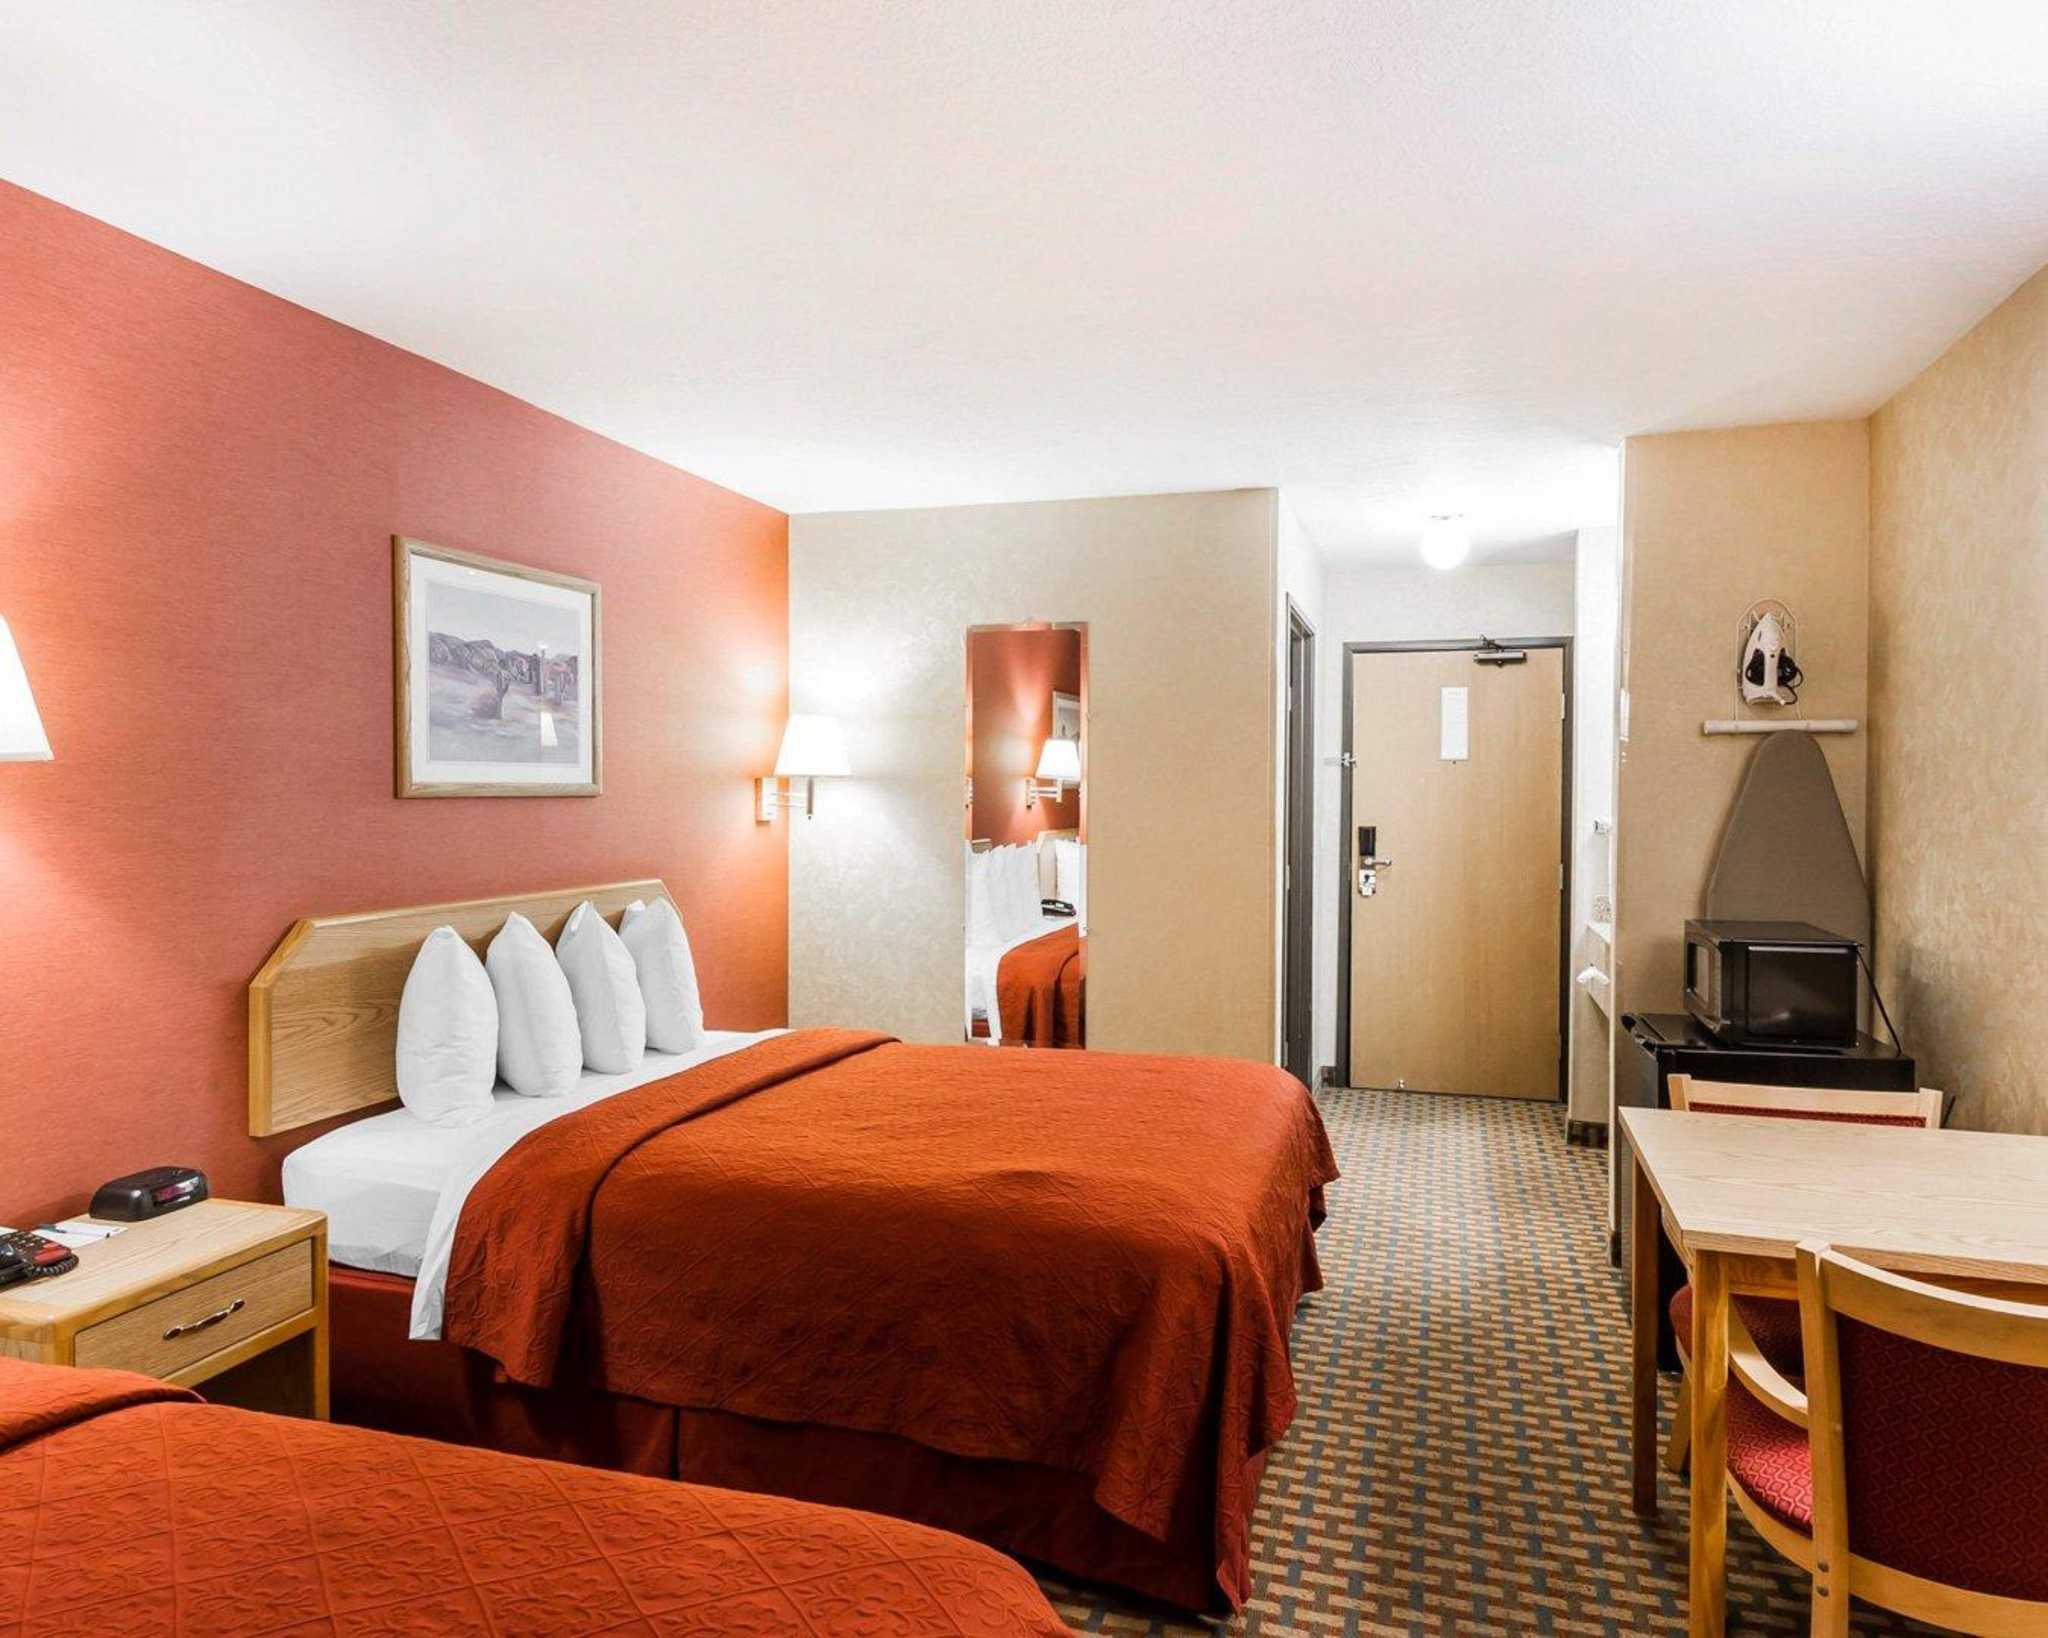 Quality Inn & Suites Surprise Near Sun City West image 5